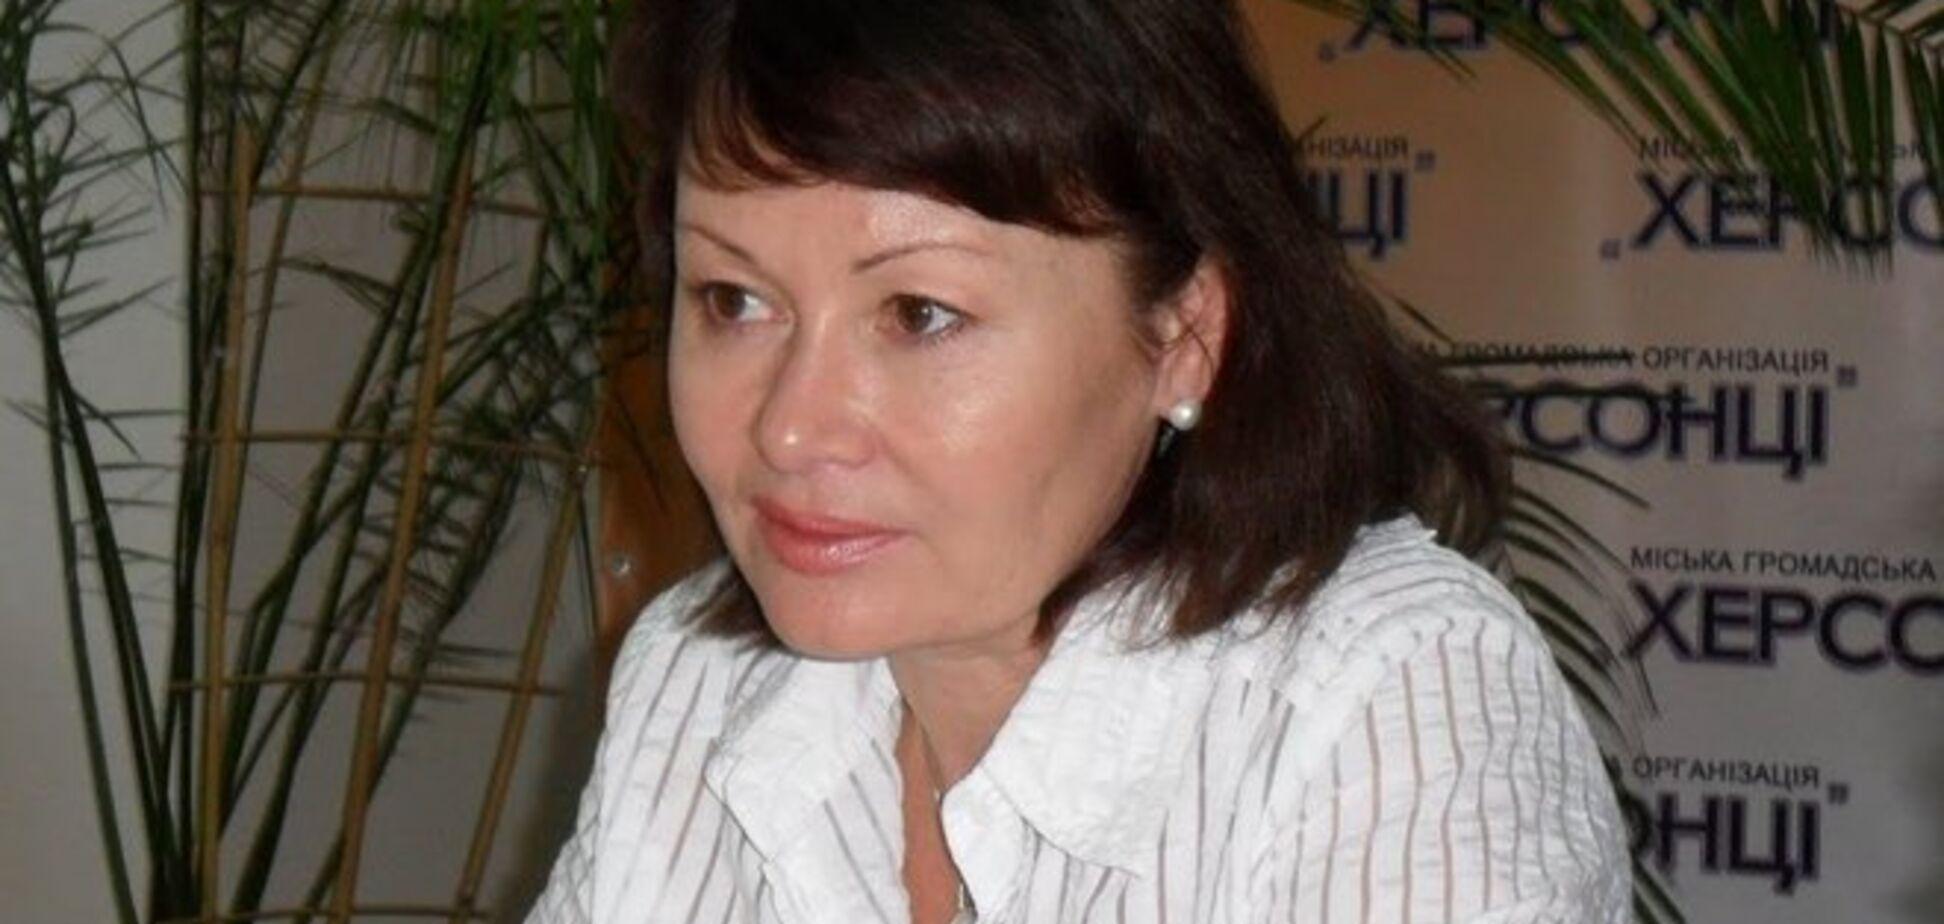 Клявшаяся в верности Партии регионов соратница Януковича возглавила один из департаментов Минобороны